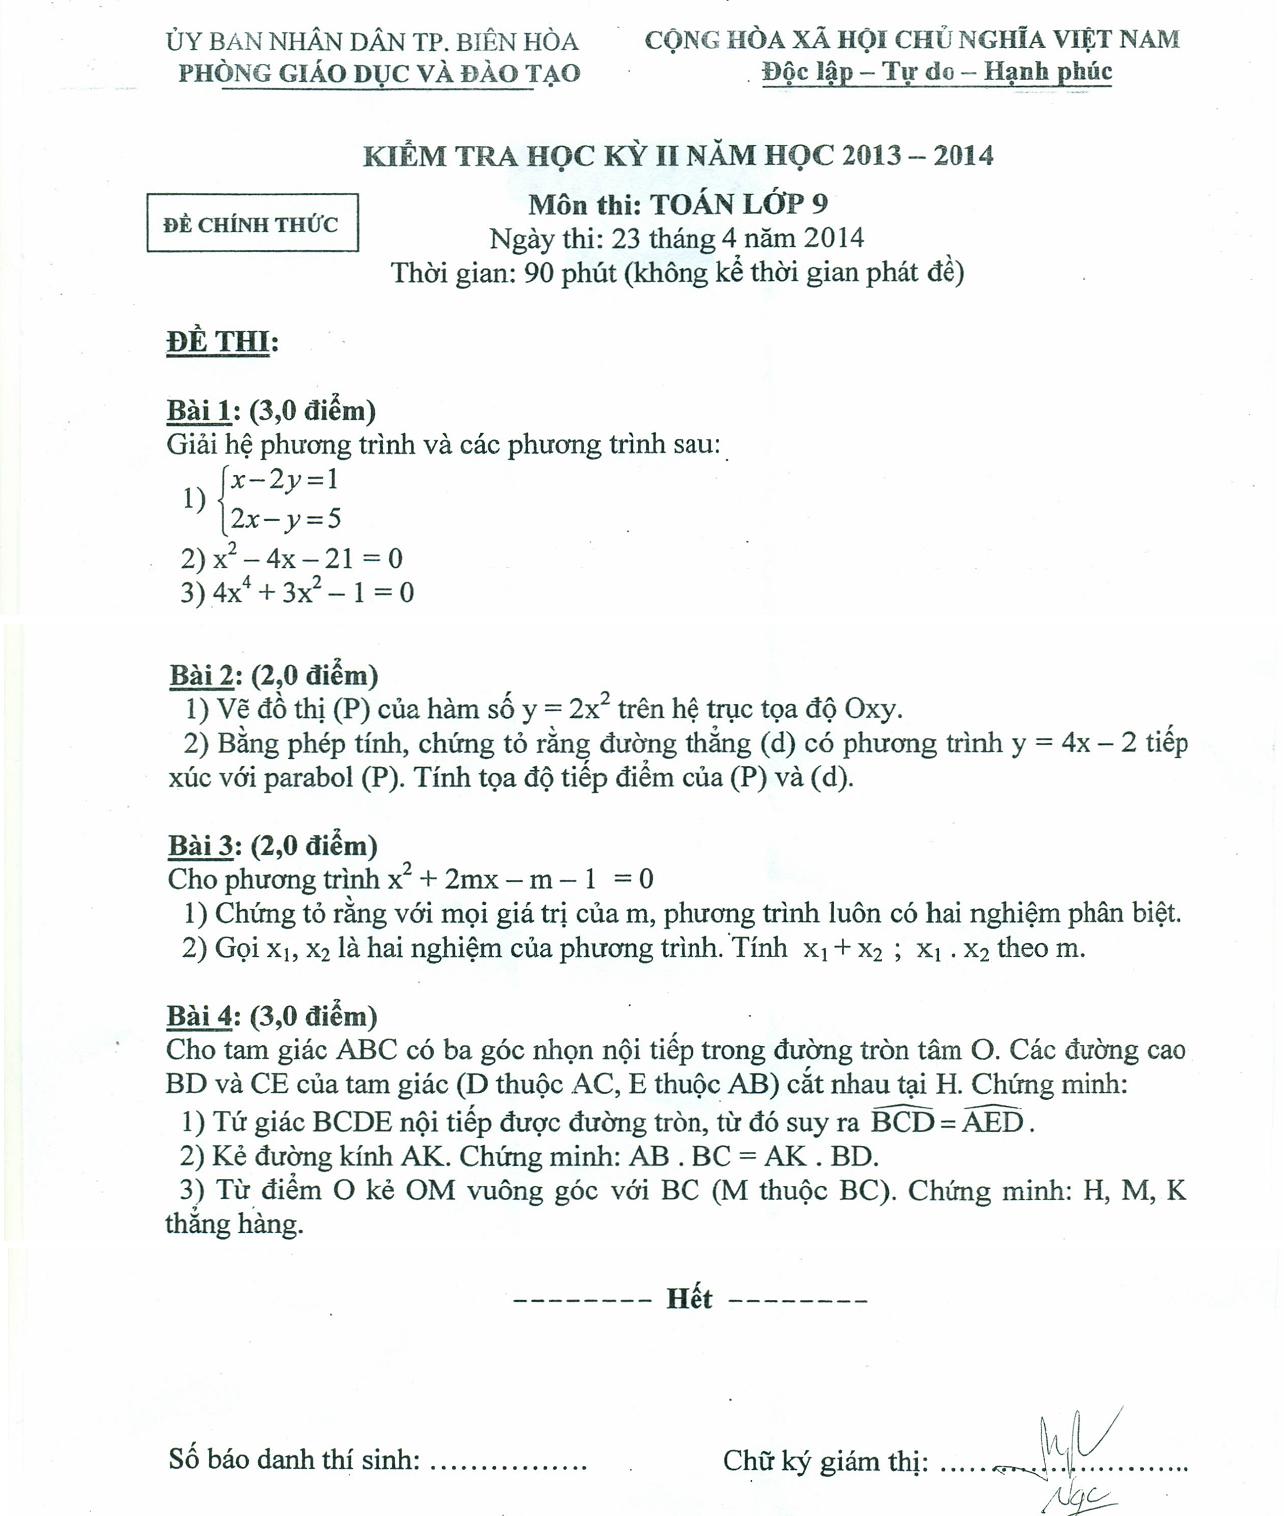 Đề thi học kỳ 2 môn toán lớp 9 tỉnh Đồng Nai năm 2014